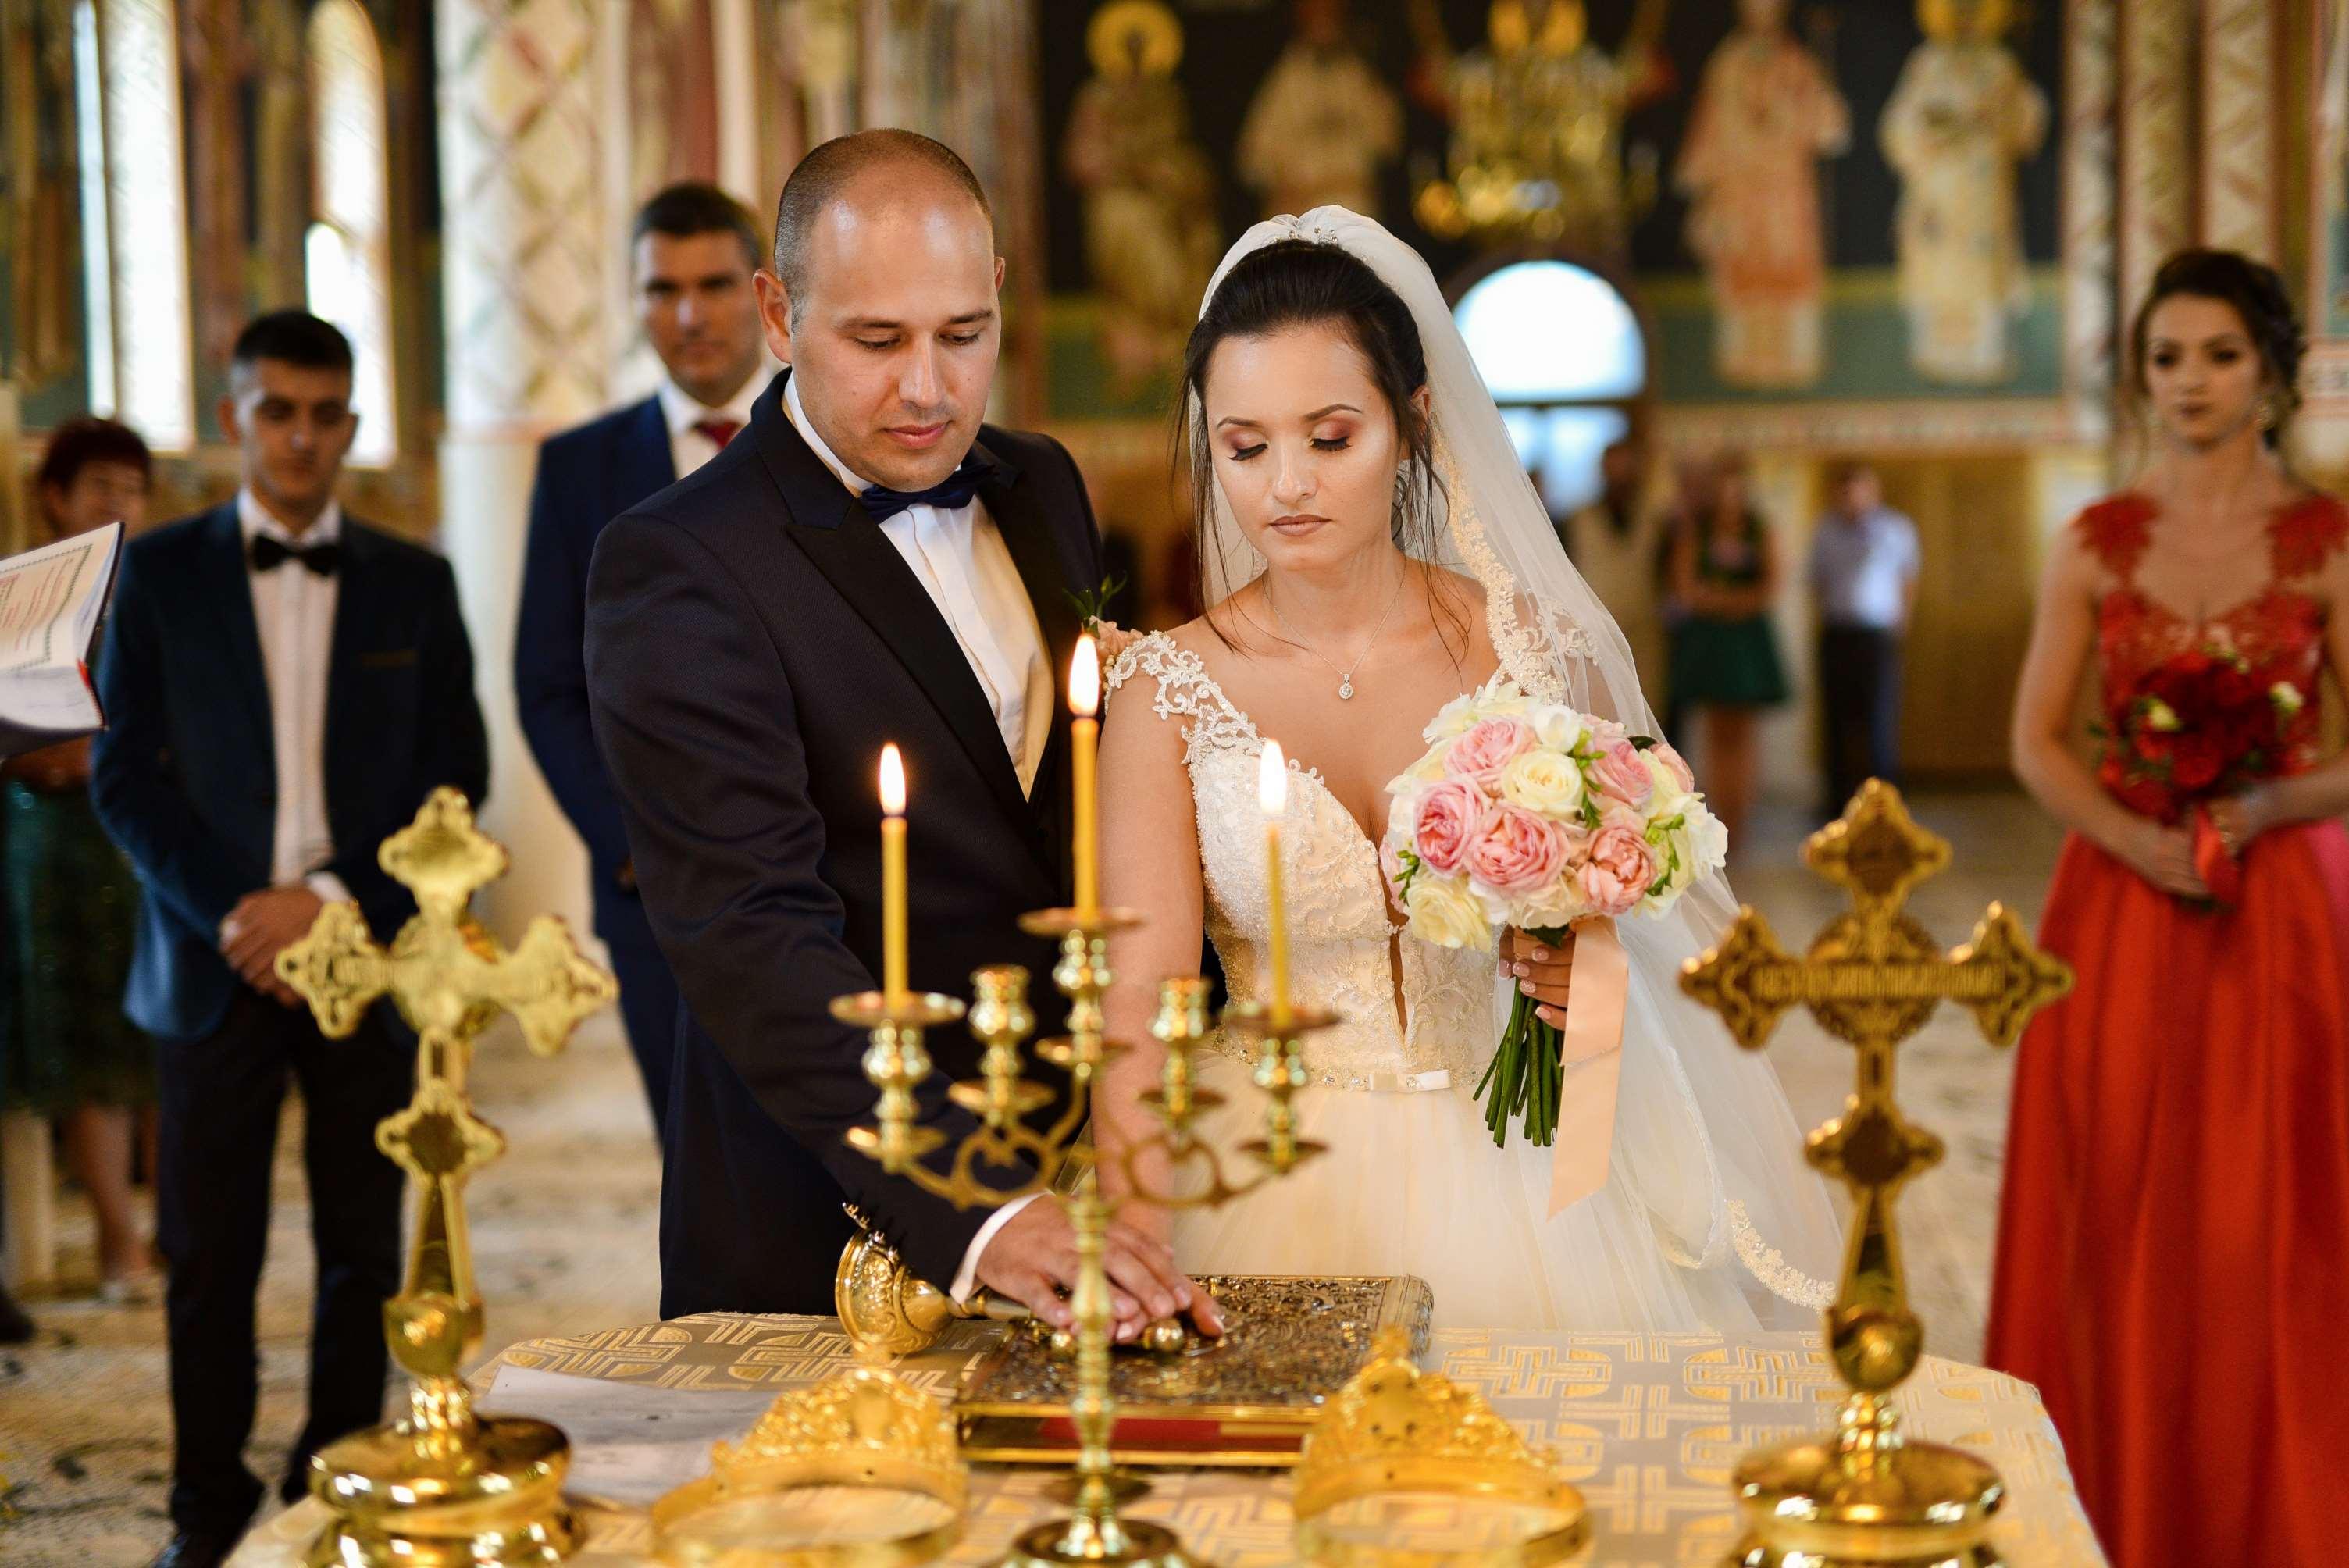 Nunta-Sibiu-fotograf-34